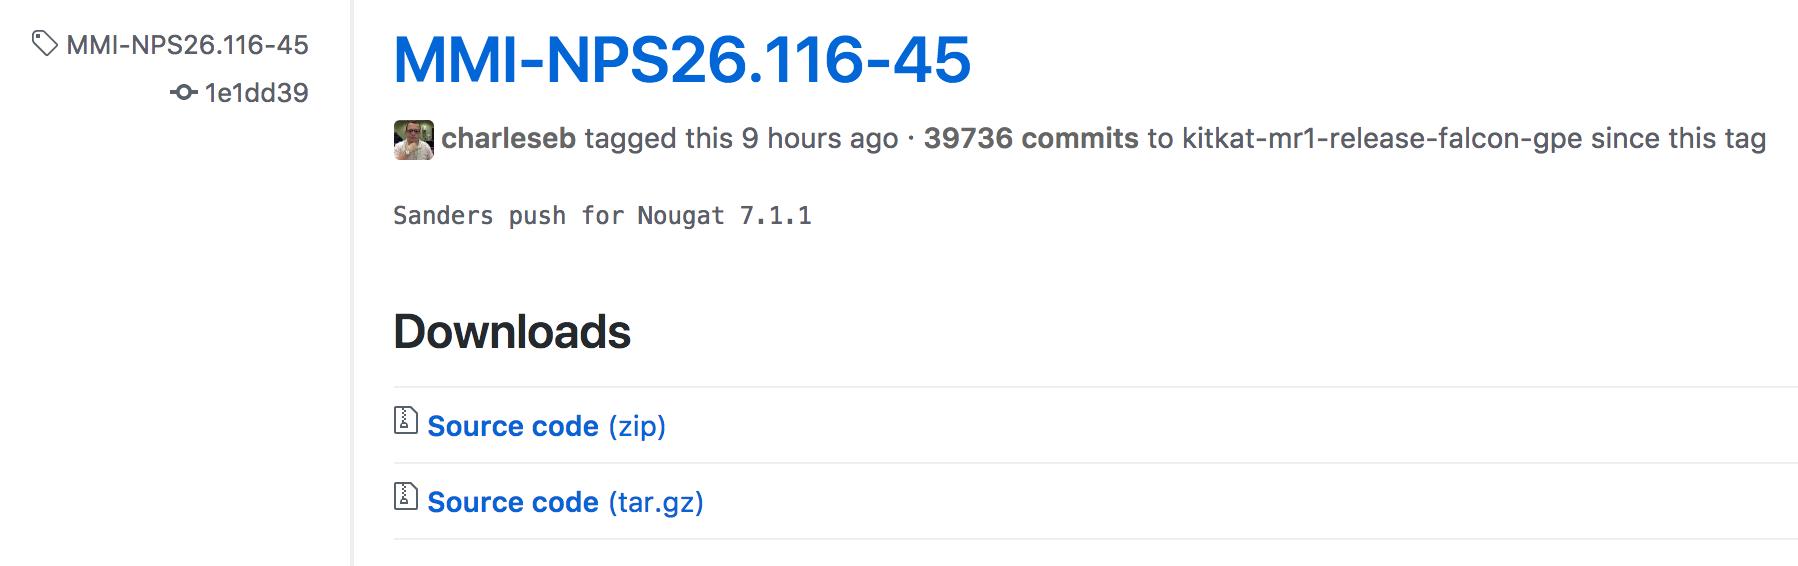 Motorola releases Moto G5S Plus kernel source code